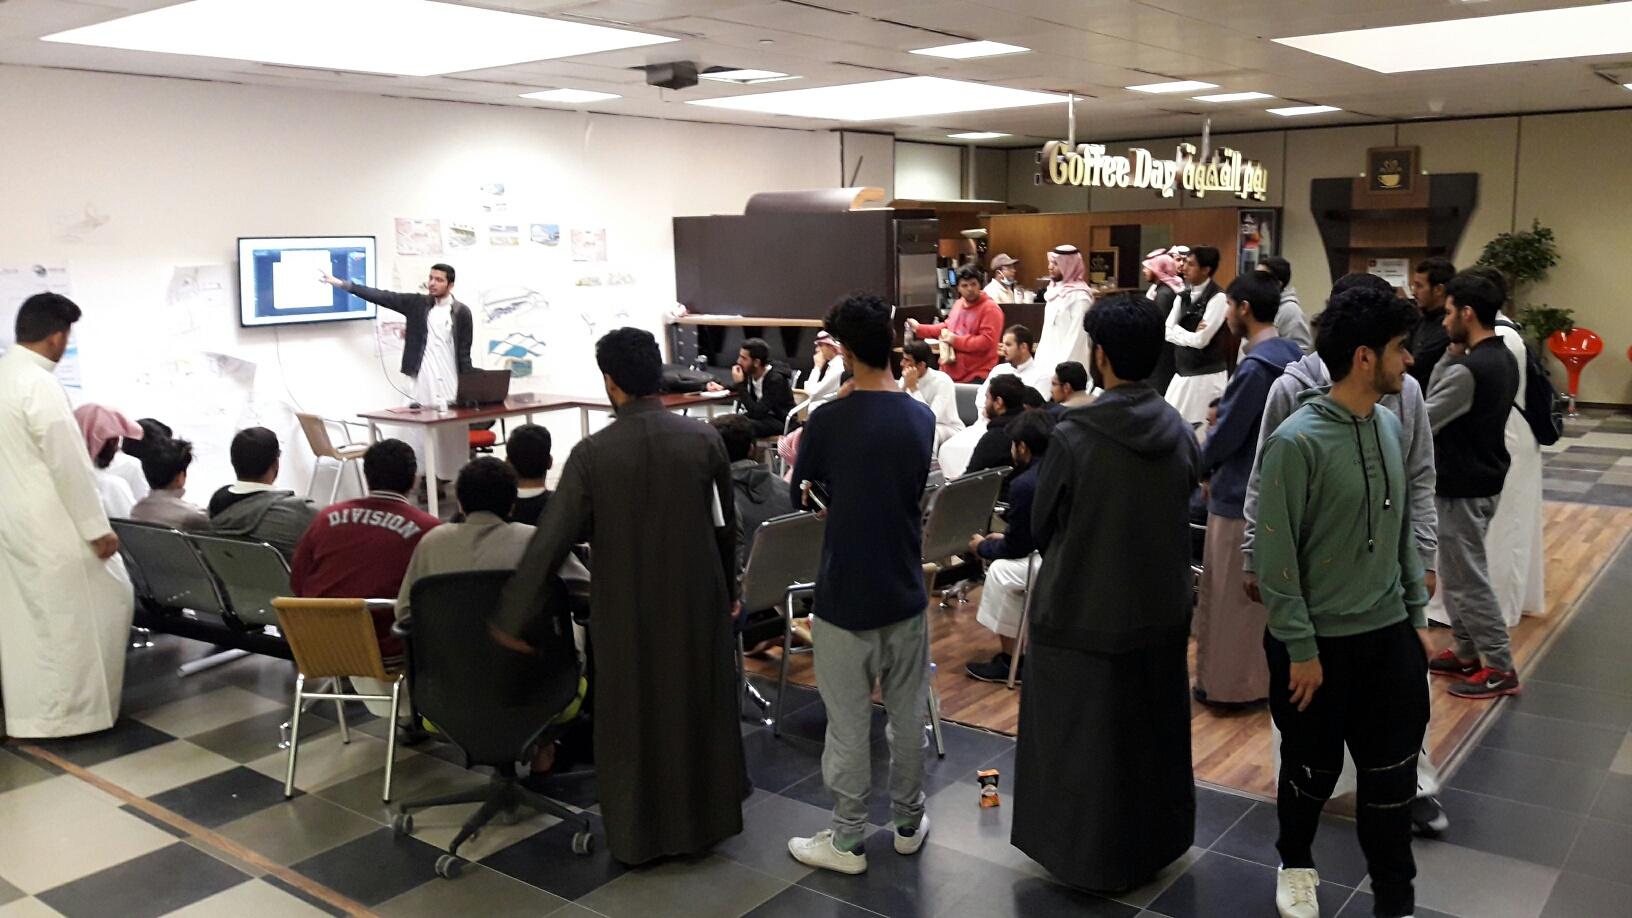 نادي العمارة وعلوم البناء يُنفذ  الدورة الثانية في الفوتوشوب